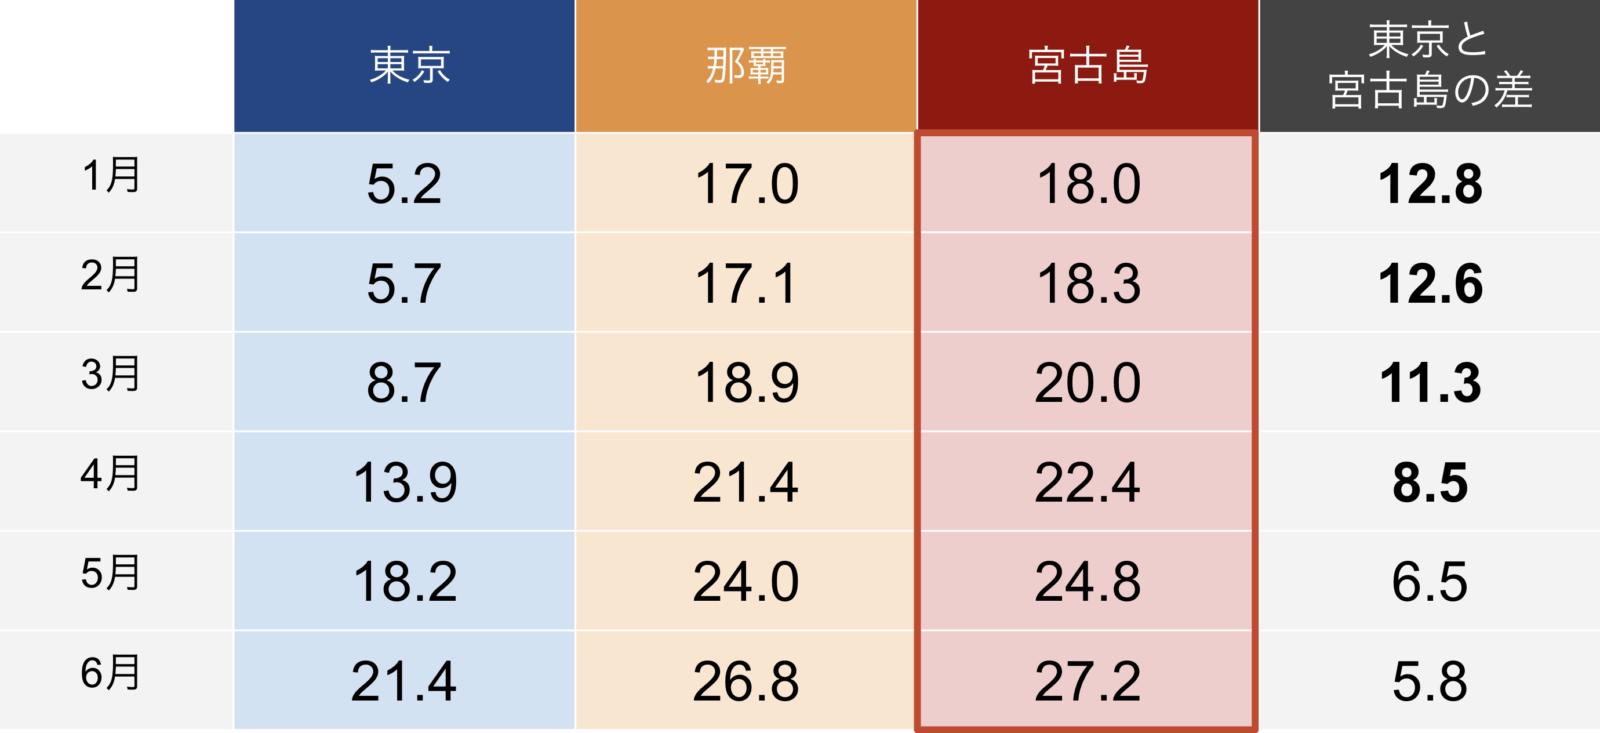 東京、那覇、宮古島の気温比較表